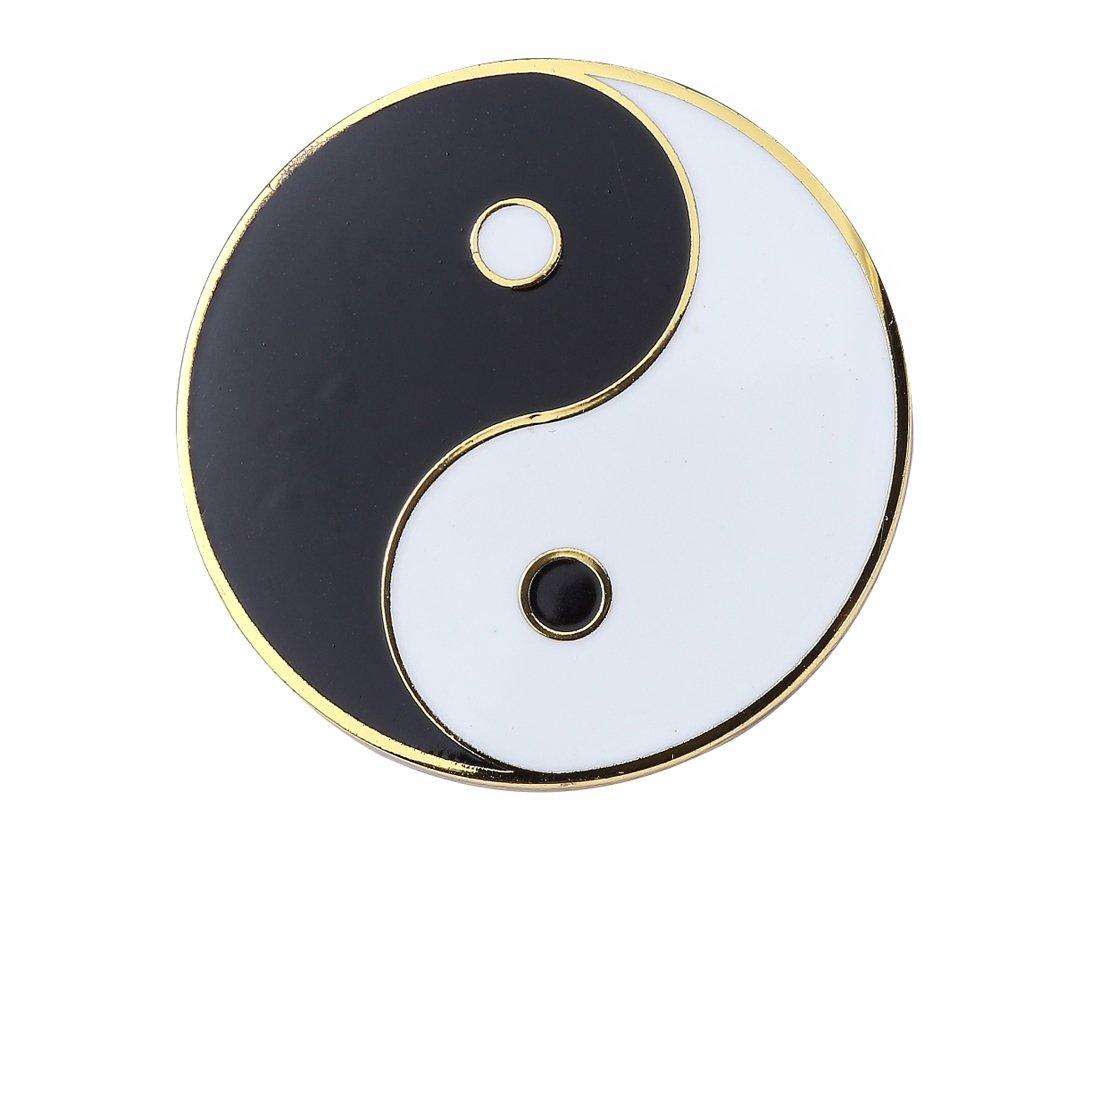 Last Valentine Yin Yang Tai Ji Lapel Pin Nickel Plated Color Enamel Pin